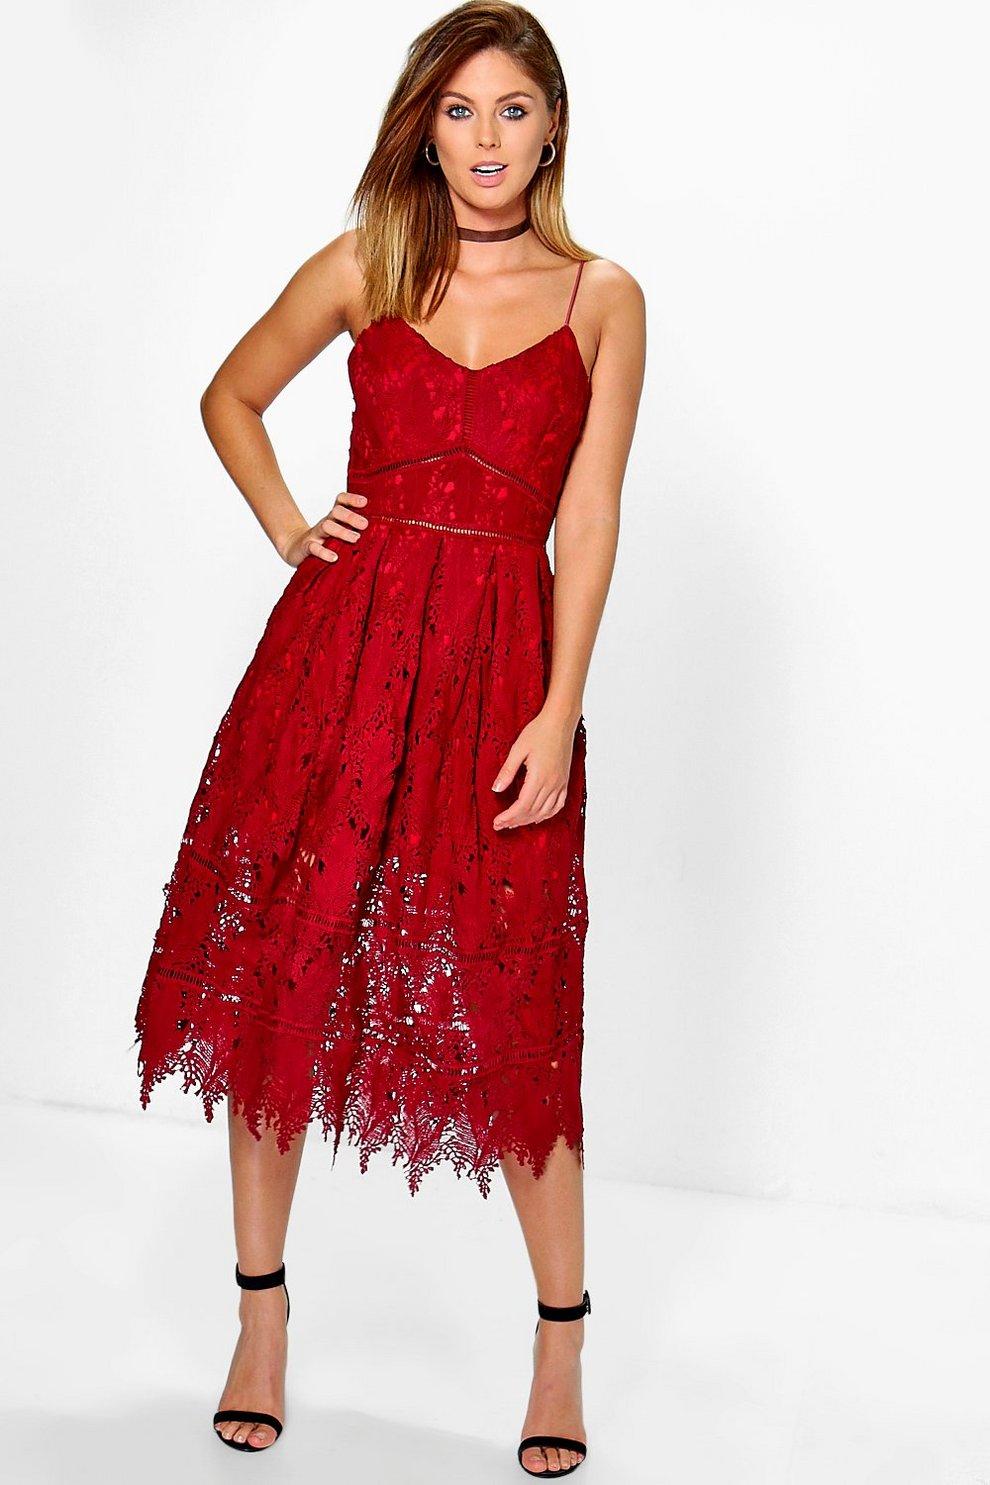 Boutique robe patineuse à bretelles en velours côtelé   Boohoo 6d507ce5bf93